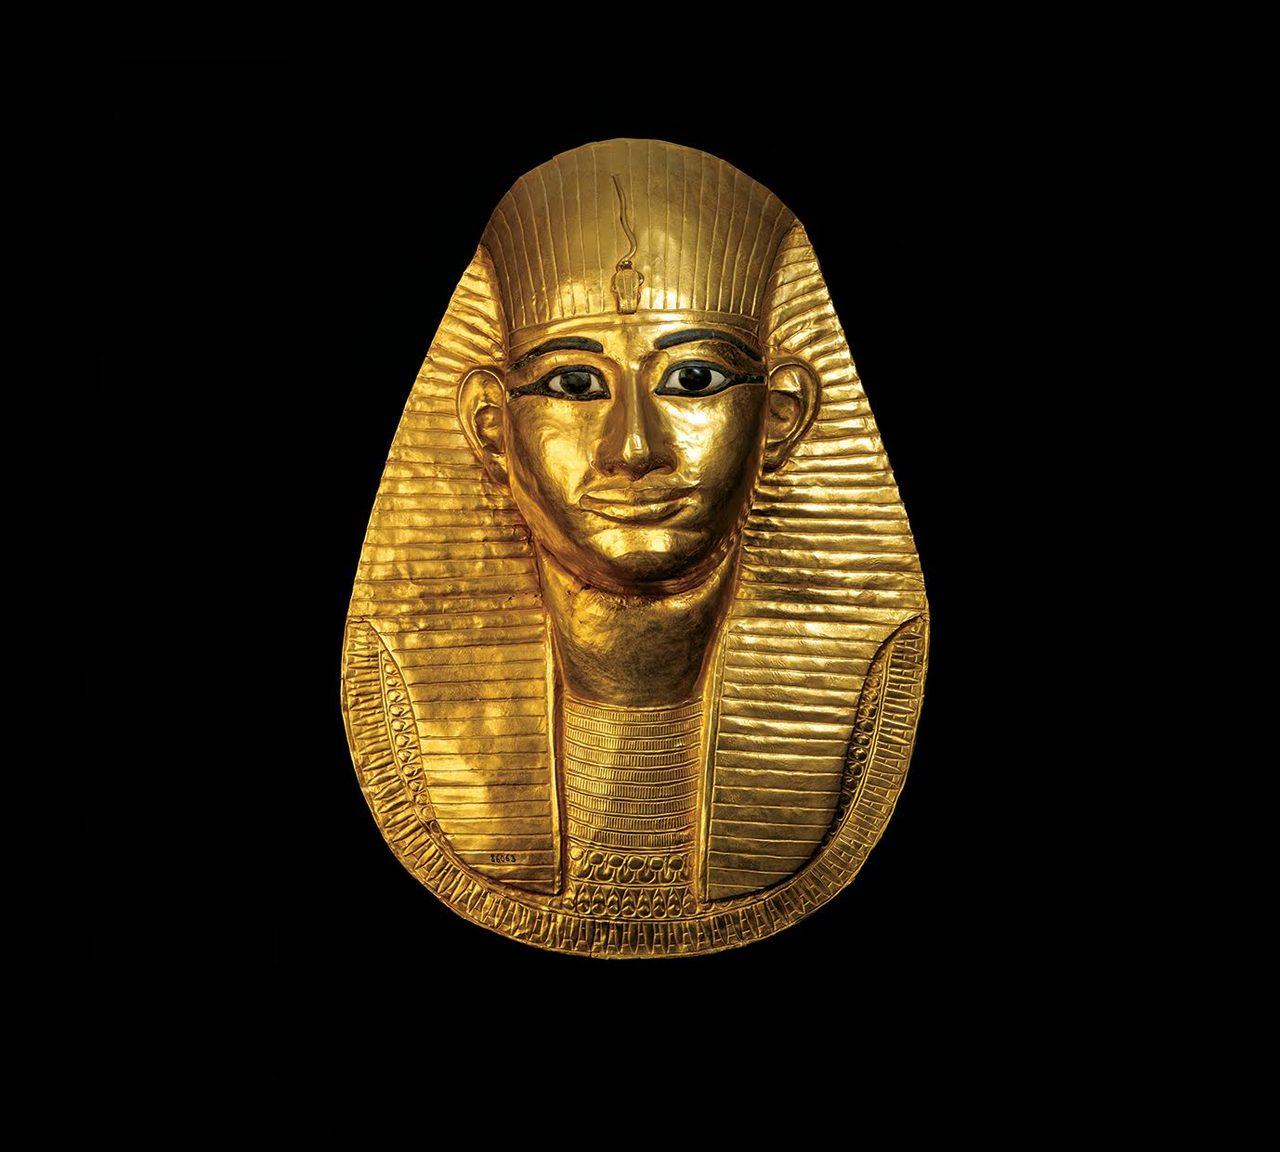 画像: アメンエムオペト王の黄金のマスク 第3中間期 第21王朝(前993~984年) 国立カイロ博物館蔵